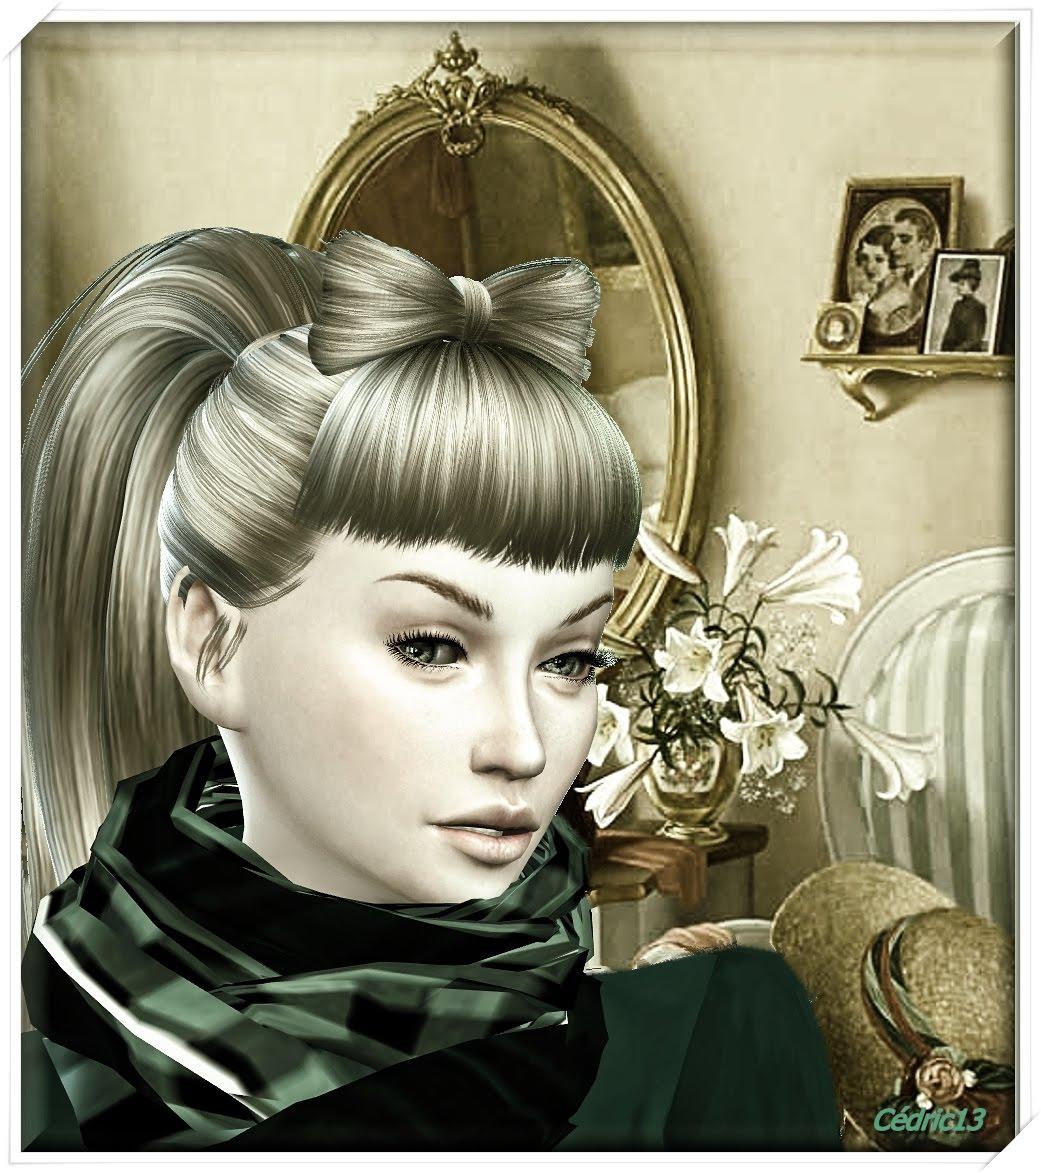 Lili L'espiègle